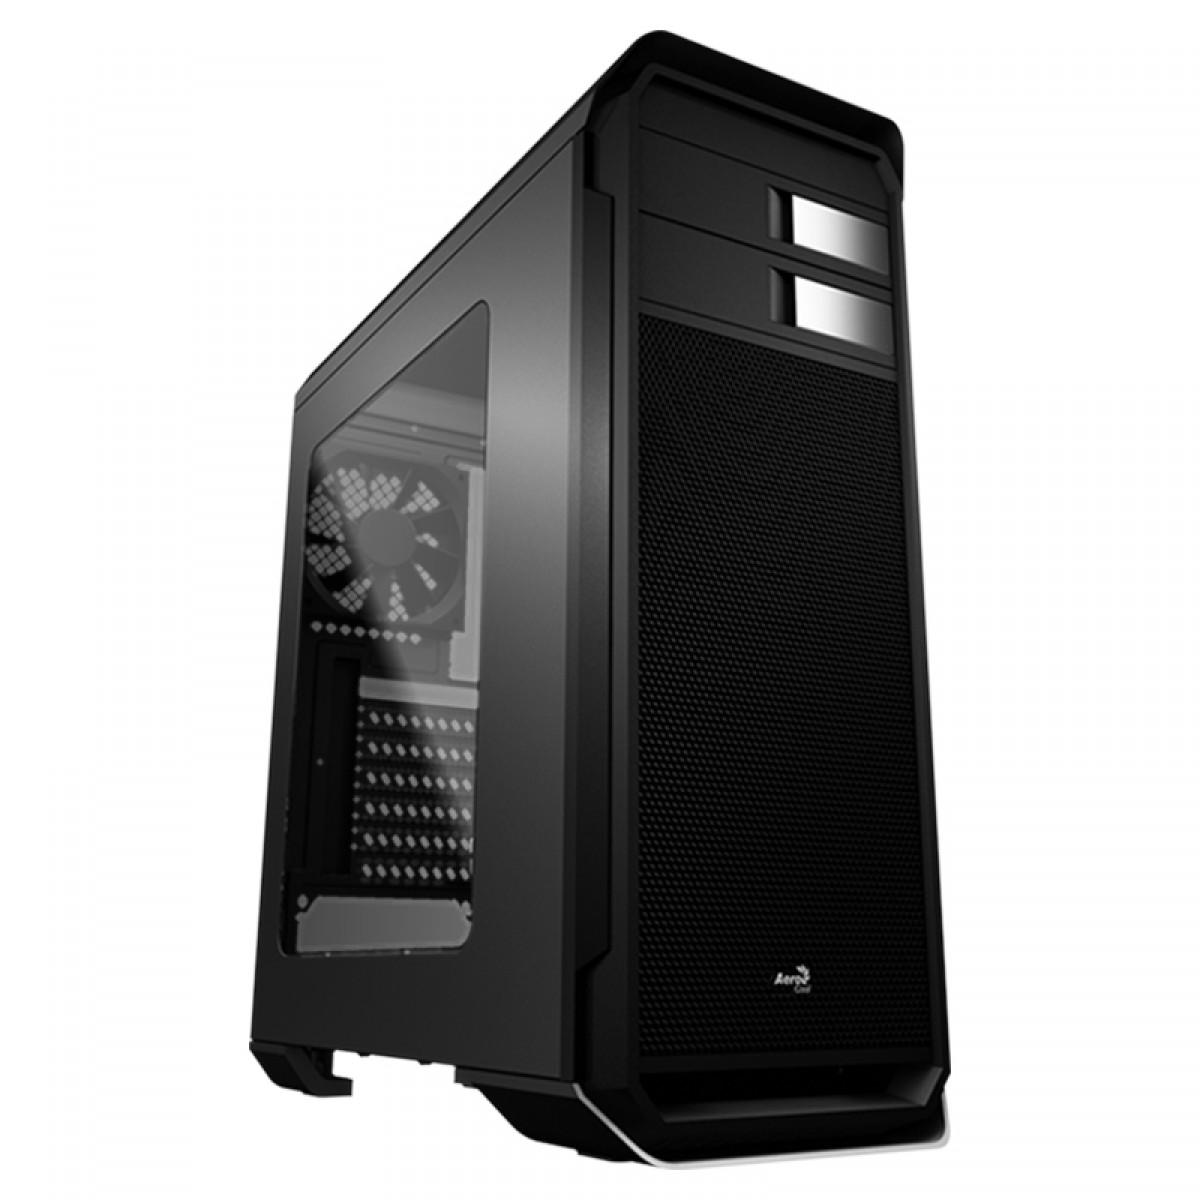 Pc Gamer Maximus Lvl-1 Intel i5 9600KF / GeForce GTX 1660 6GB / DDR4 8GB / HD 1TB / 500W